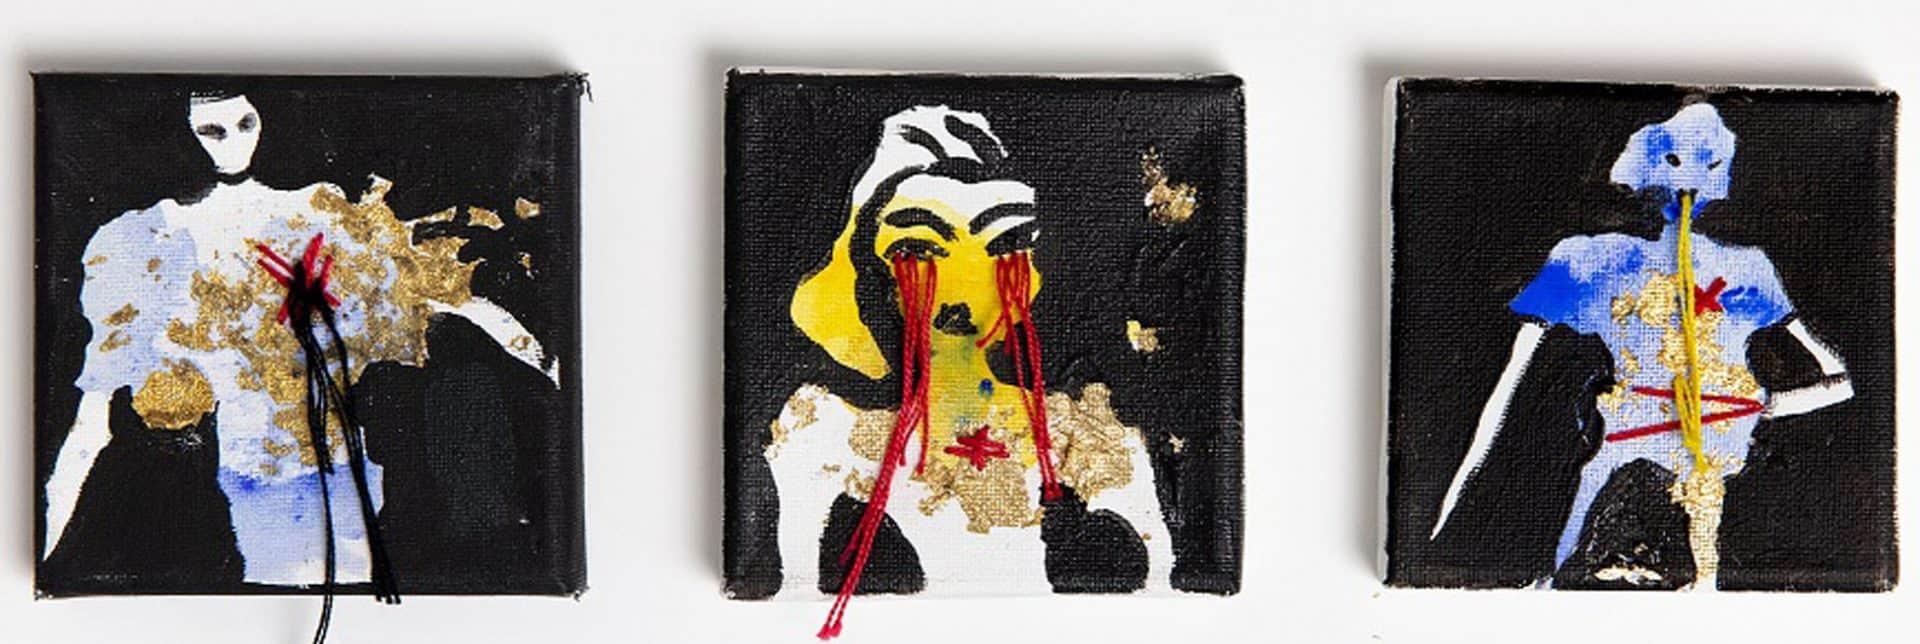 איורי אופנה מימי זיו. תערוכת איור אופנה -אוצרת: לאה פרץ, צילום רני יחזקאל (14)